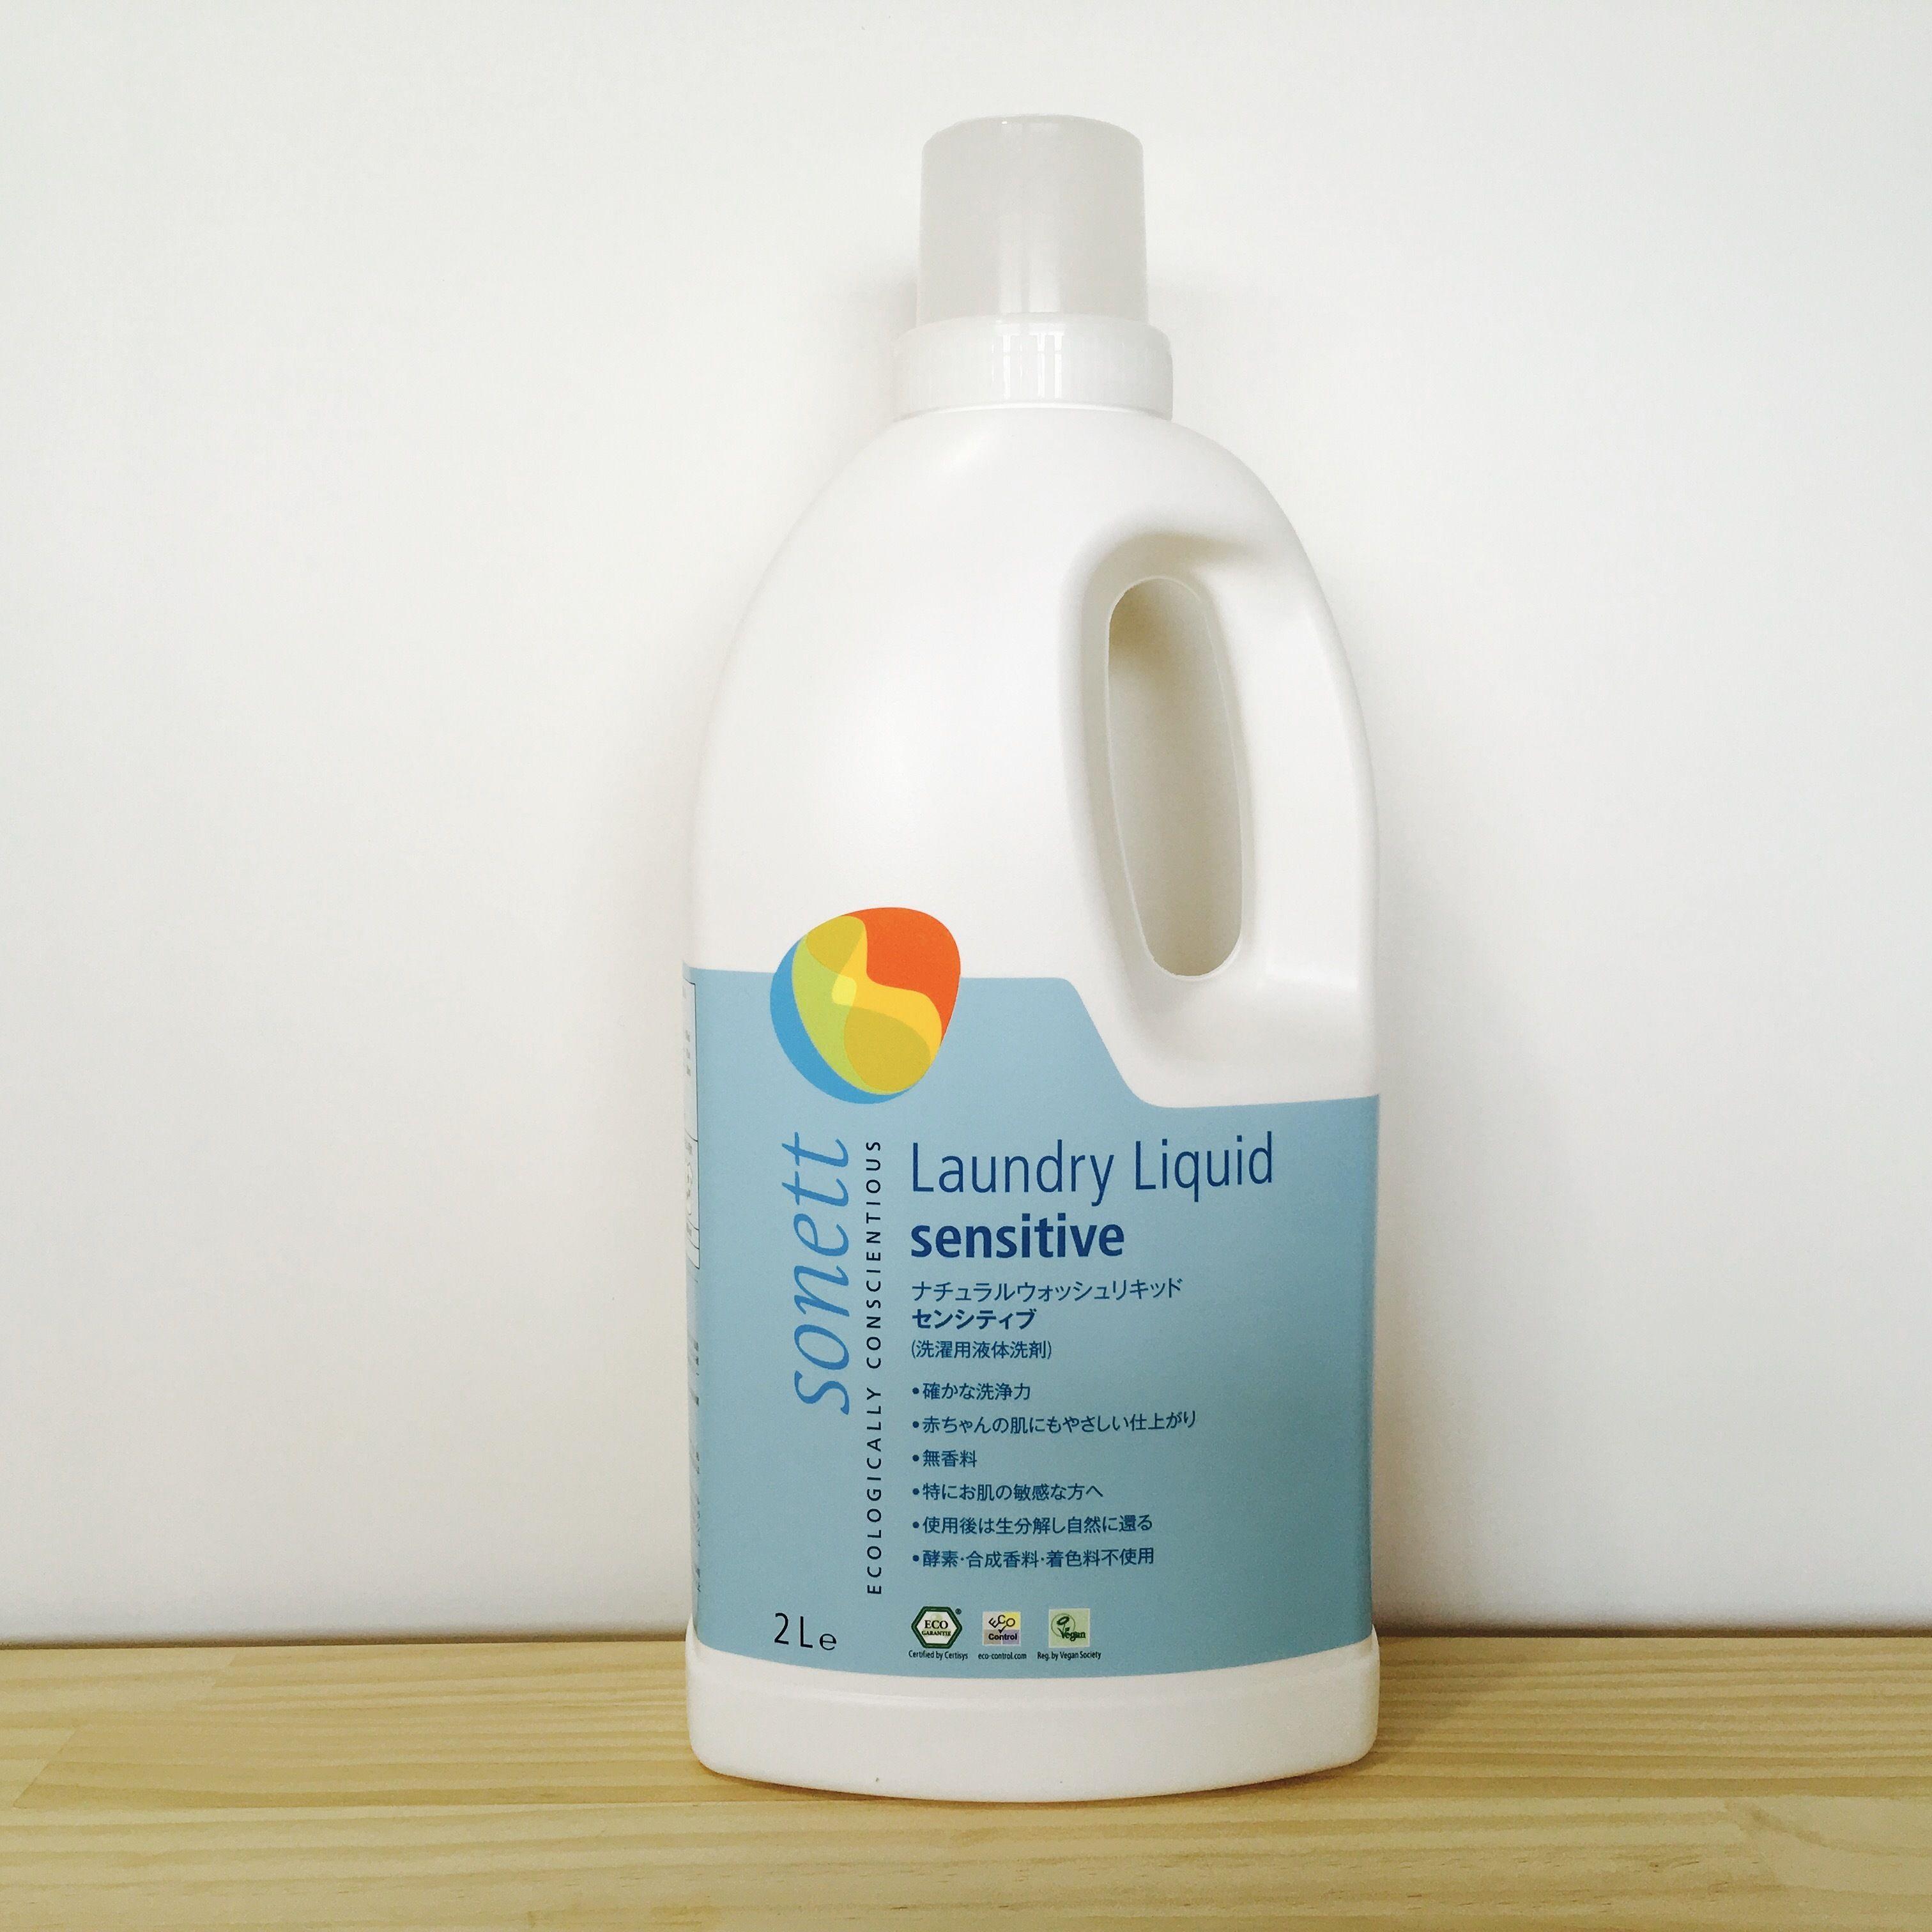 sonett 洗濯用液体洗剤 敏感肌・赤ちゃん用